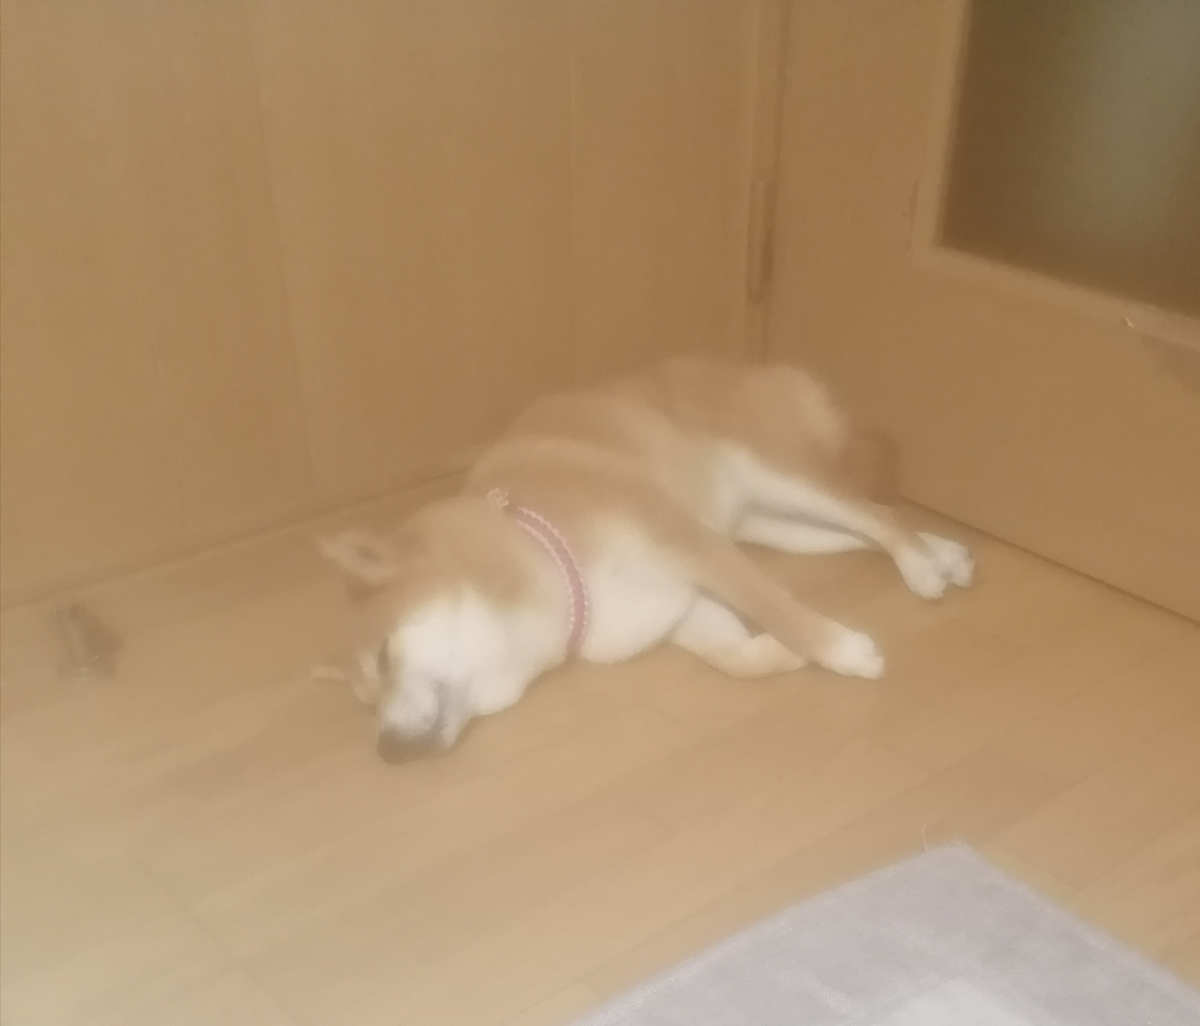 f:id:shibainumugi:20210718104645j:plain